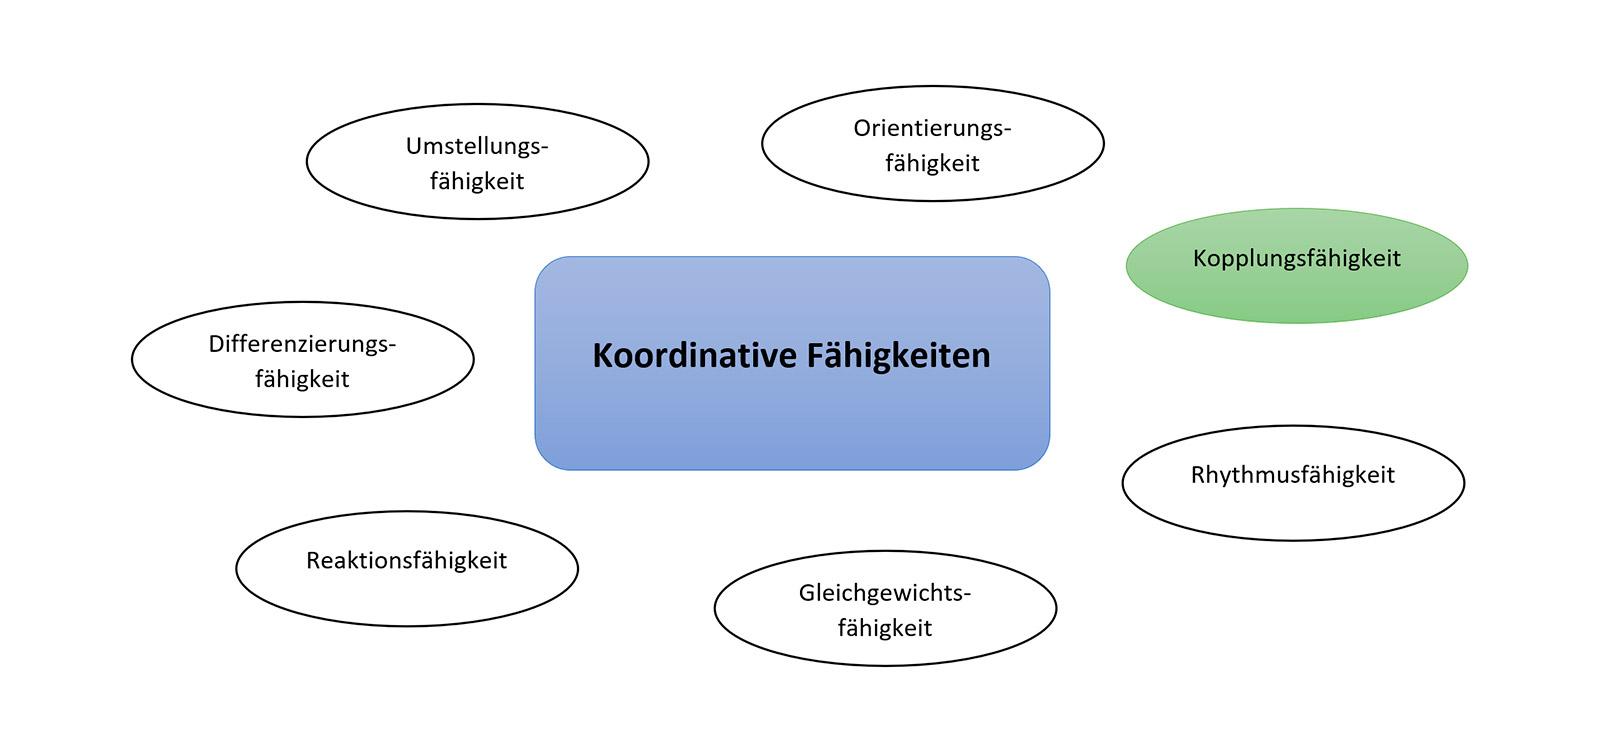 Die Kopplungsfähigkeit - koordinative Fähigkeiten im Überblick